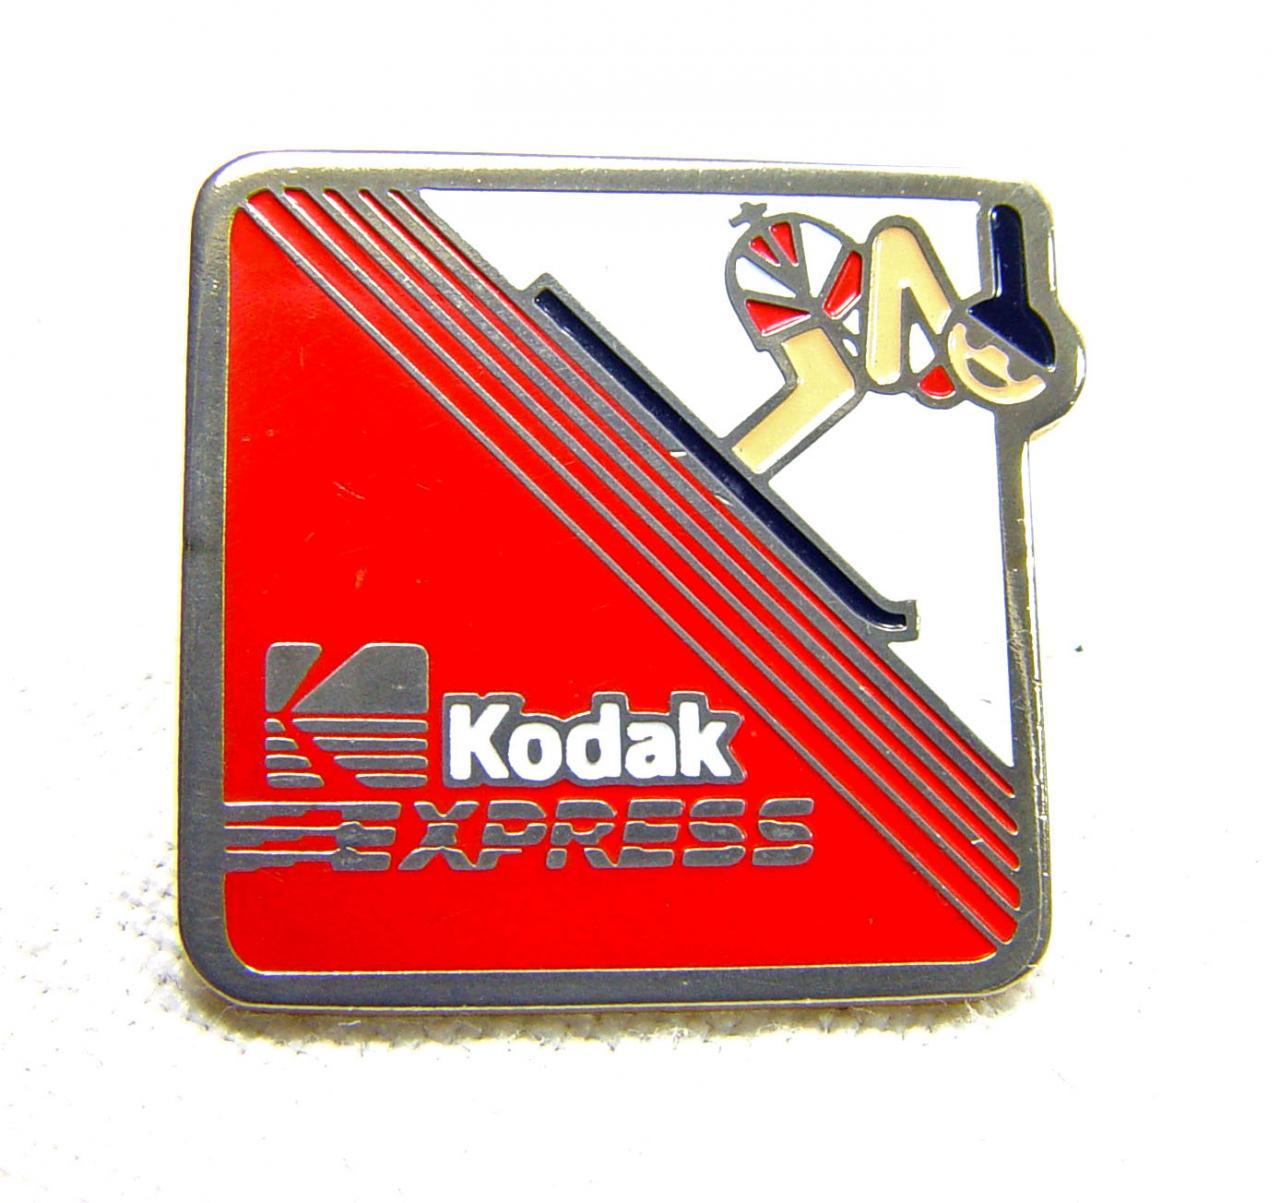 Wallpaper 2491-2  KODAK  Pins  Descente a ski, collection AMI Appareils photos